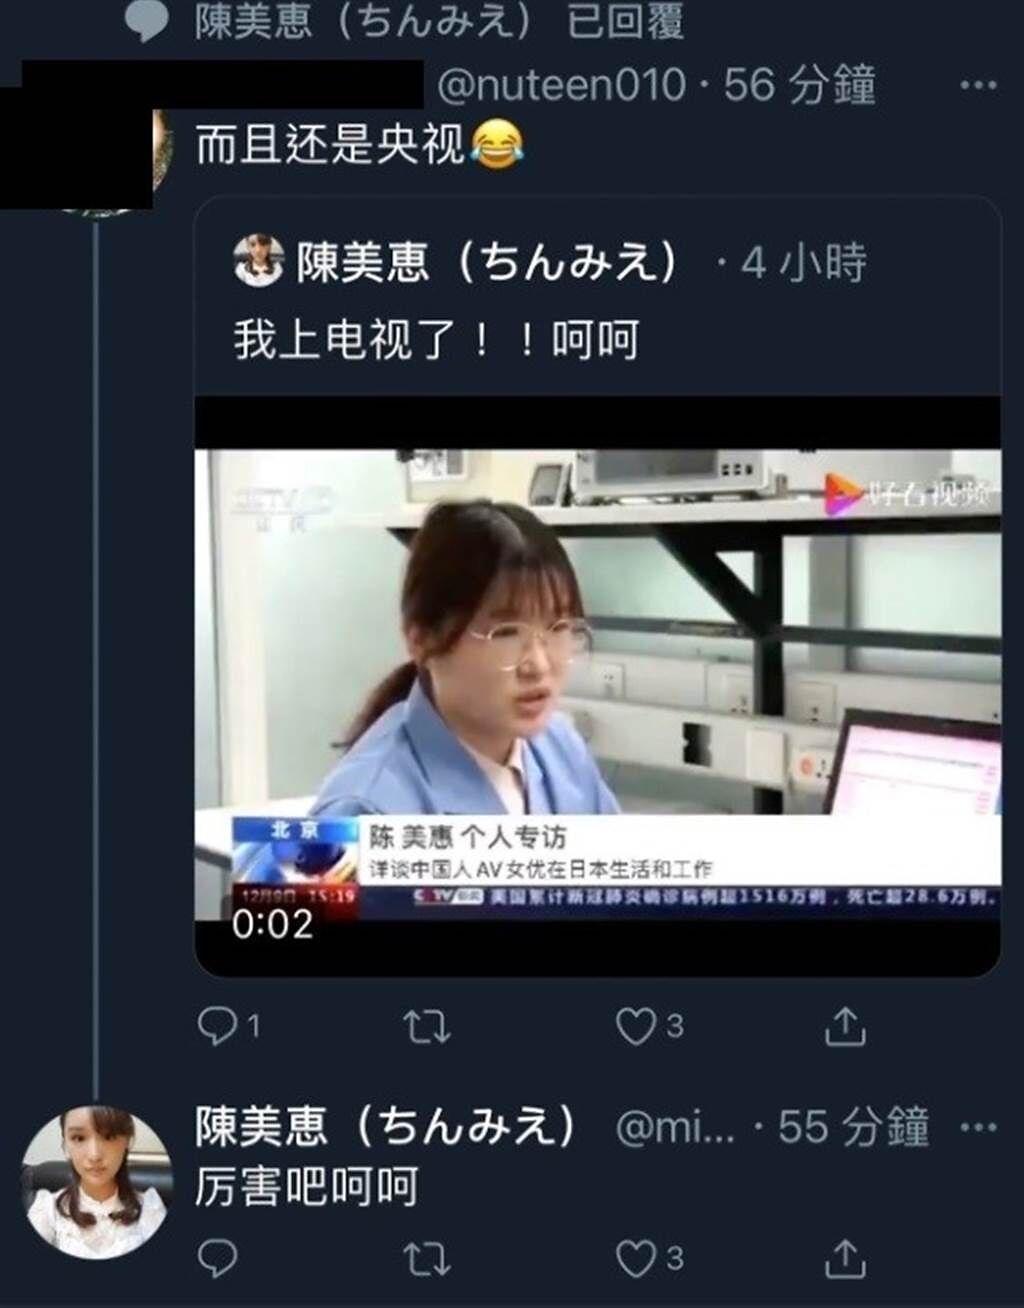 陳美惠曬出央視訪談畫面,被質疑是造假。(圖/翻攝自陳美惠推特)